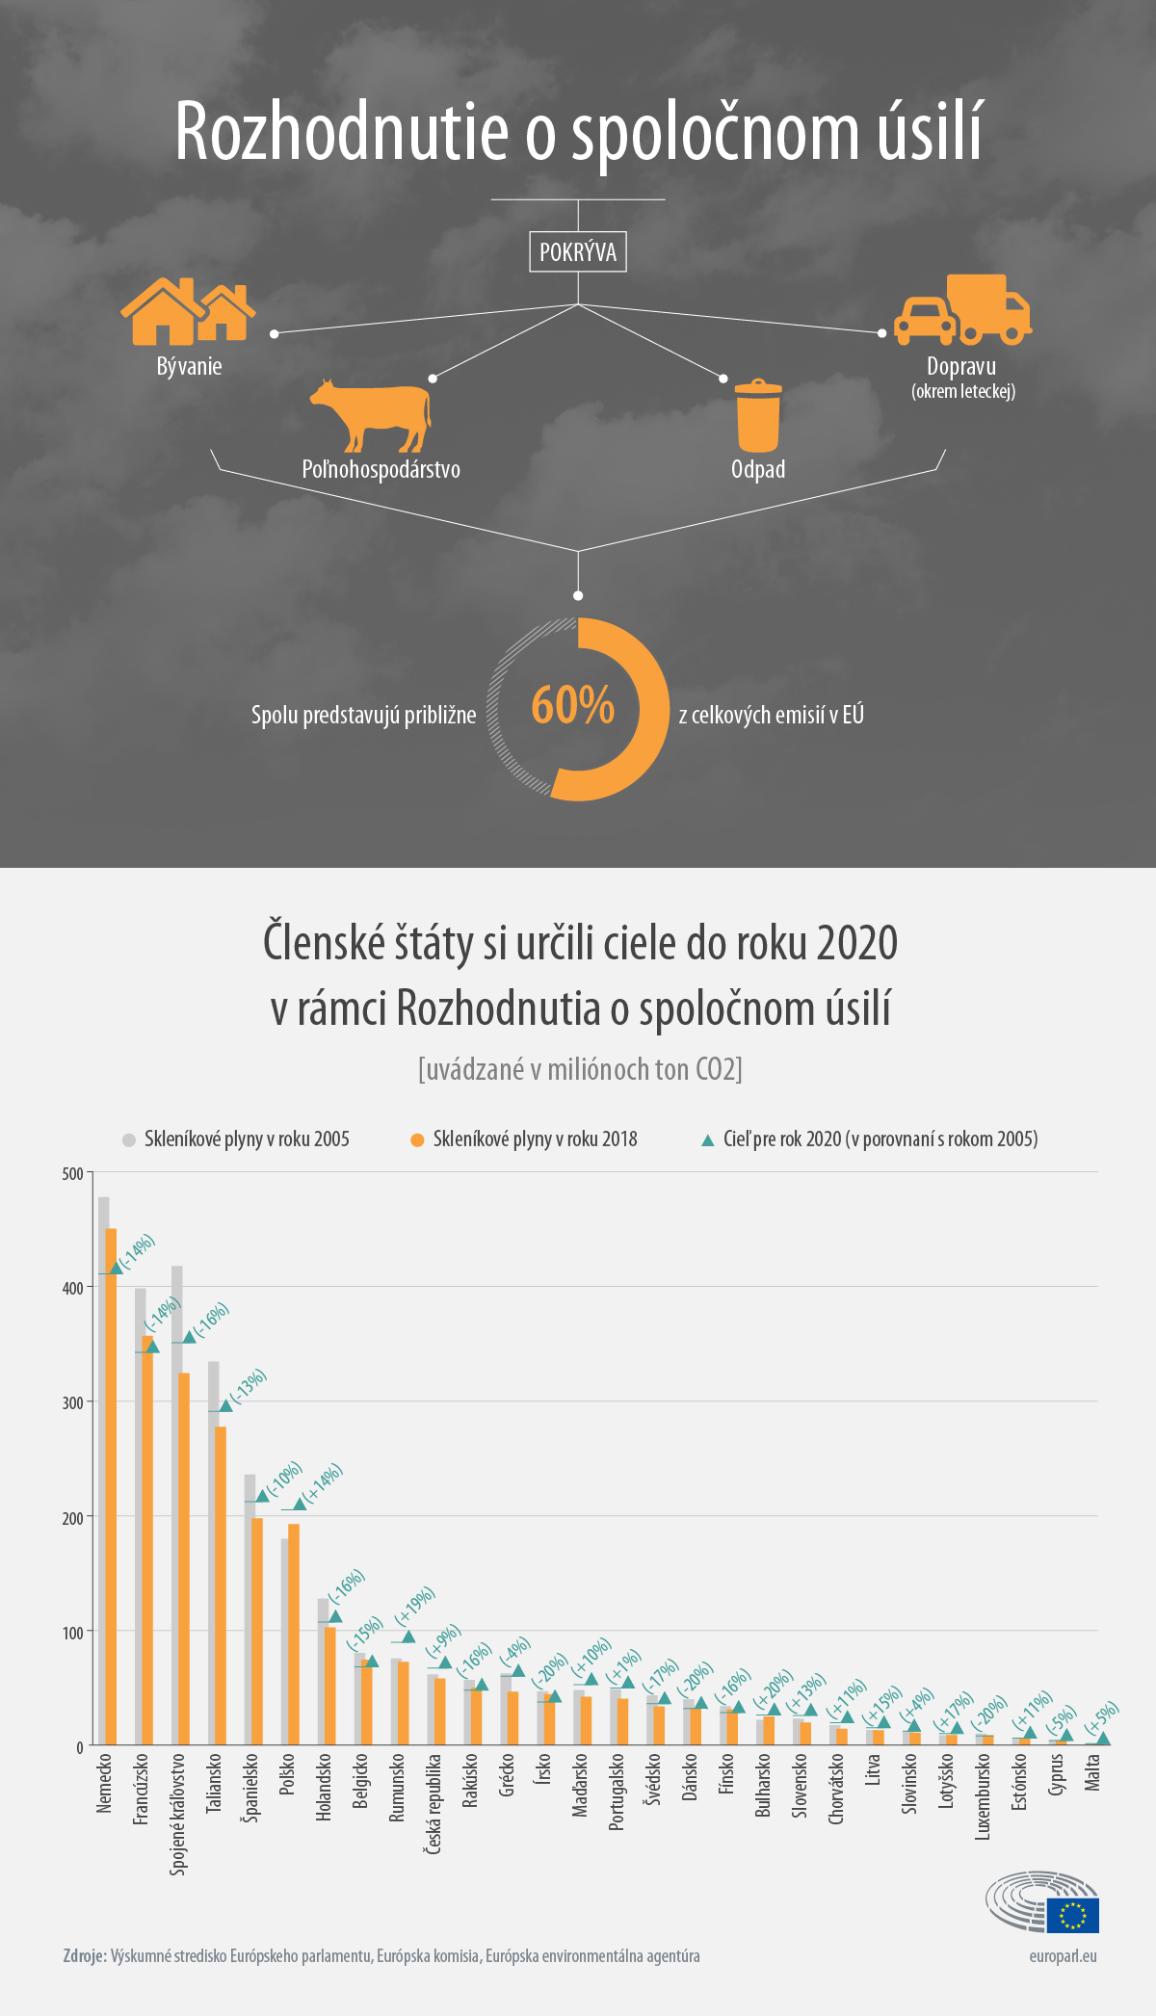 Infogrfika: Emisie skleníkových plynov krajín EÚ v rokoch 2005 a 2018 a porovnanie pokroku pri dosahovaní cieľa zníženia do roku 2020